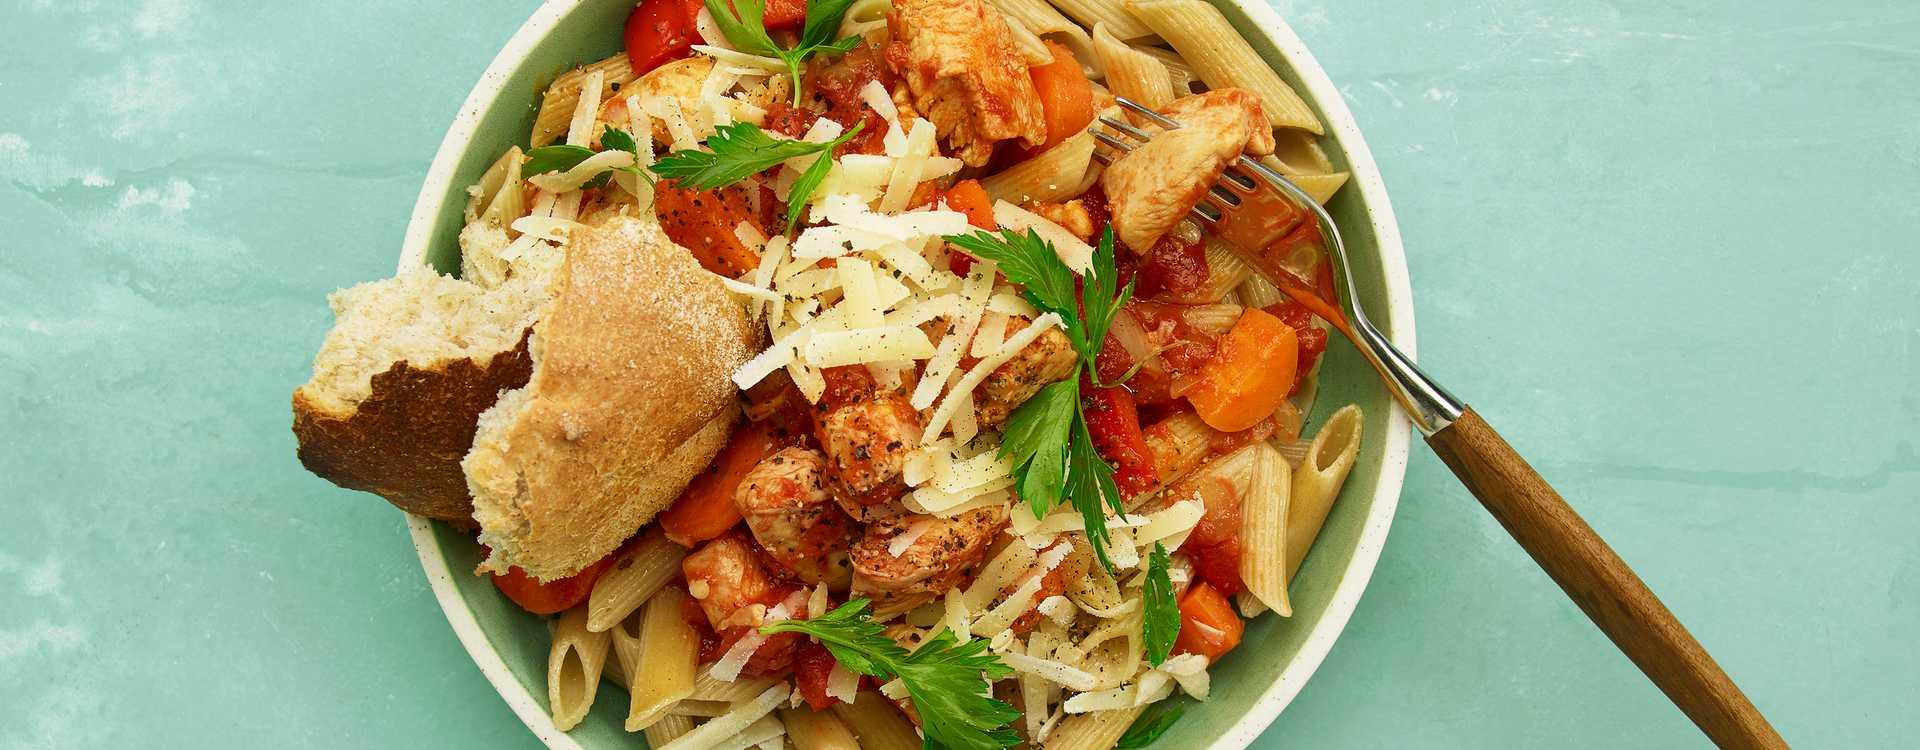 Spicy pasta med kylling og Sriracha